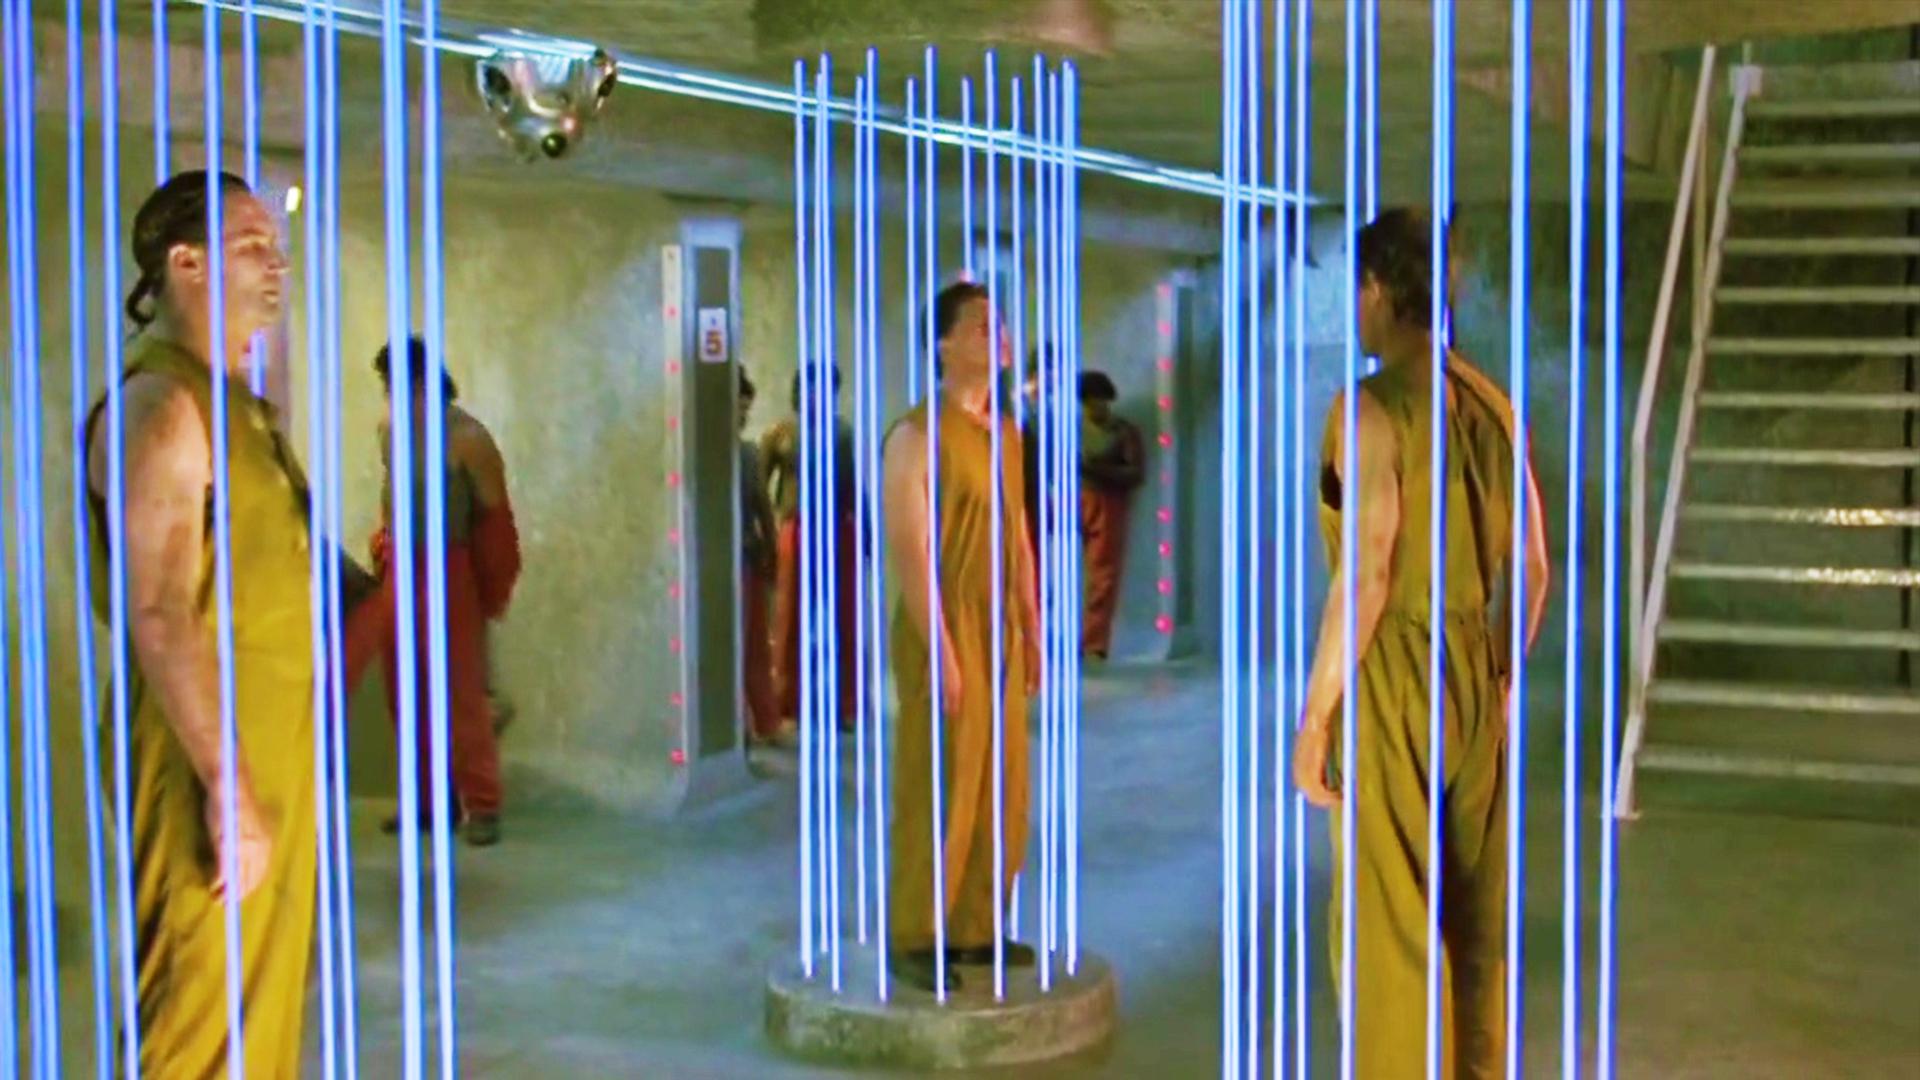 未来人类只能生育一次,一旦超生的话,就要接受蓝色激光的酷刑